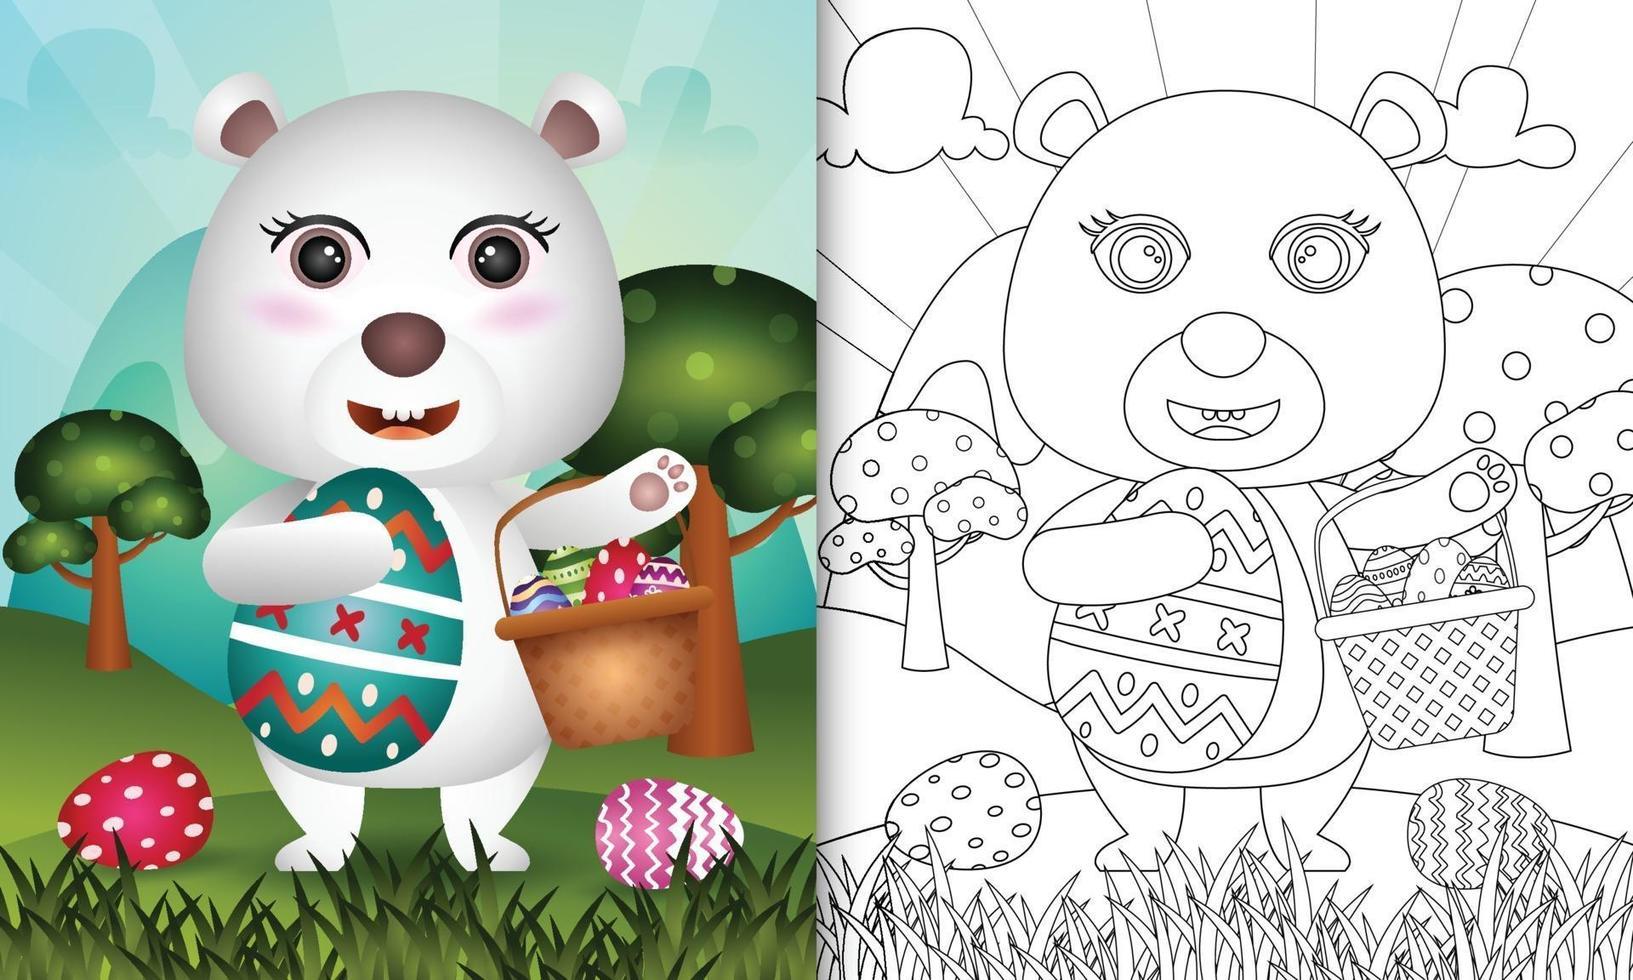 livro de colorir para crianças com tema feliz dia de páscoa com ilustração de personagem de um urso polar fofo segurando o ovo de balde e o ovo de páscoa vetor